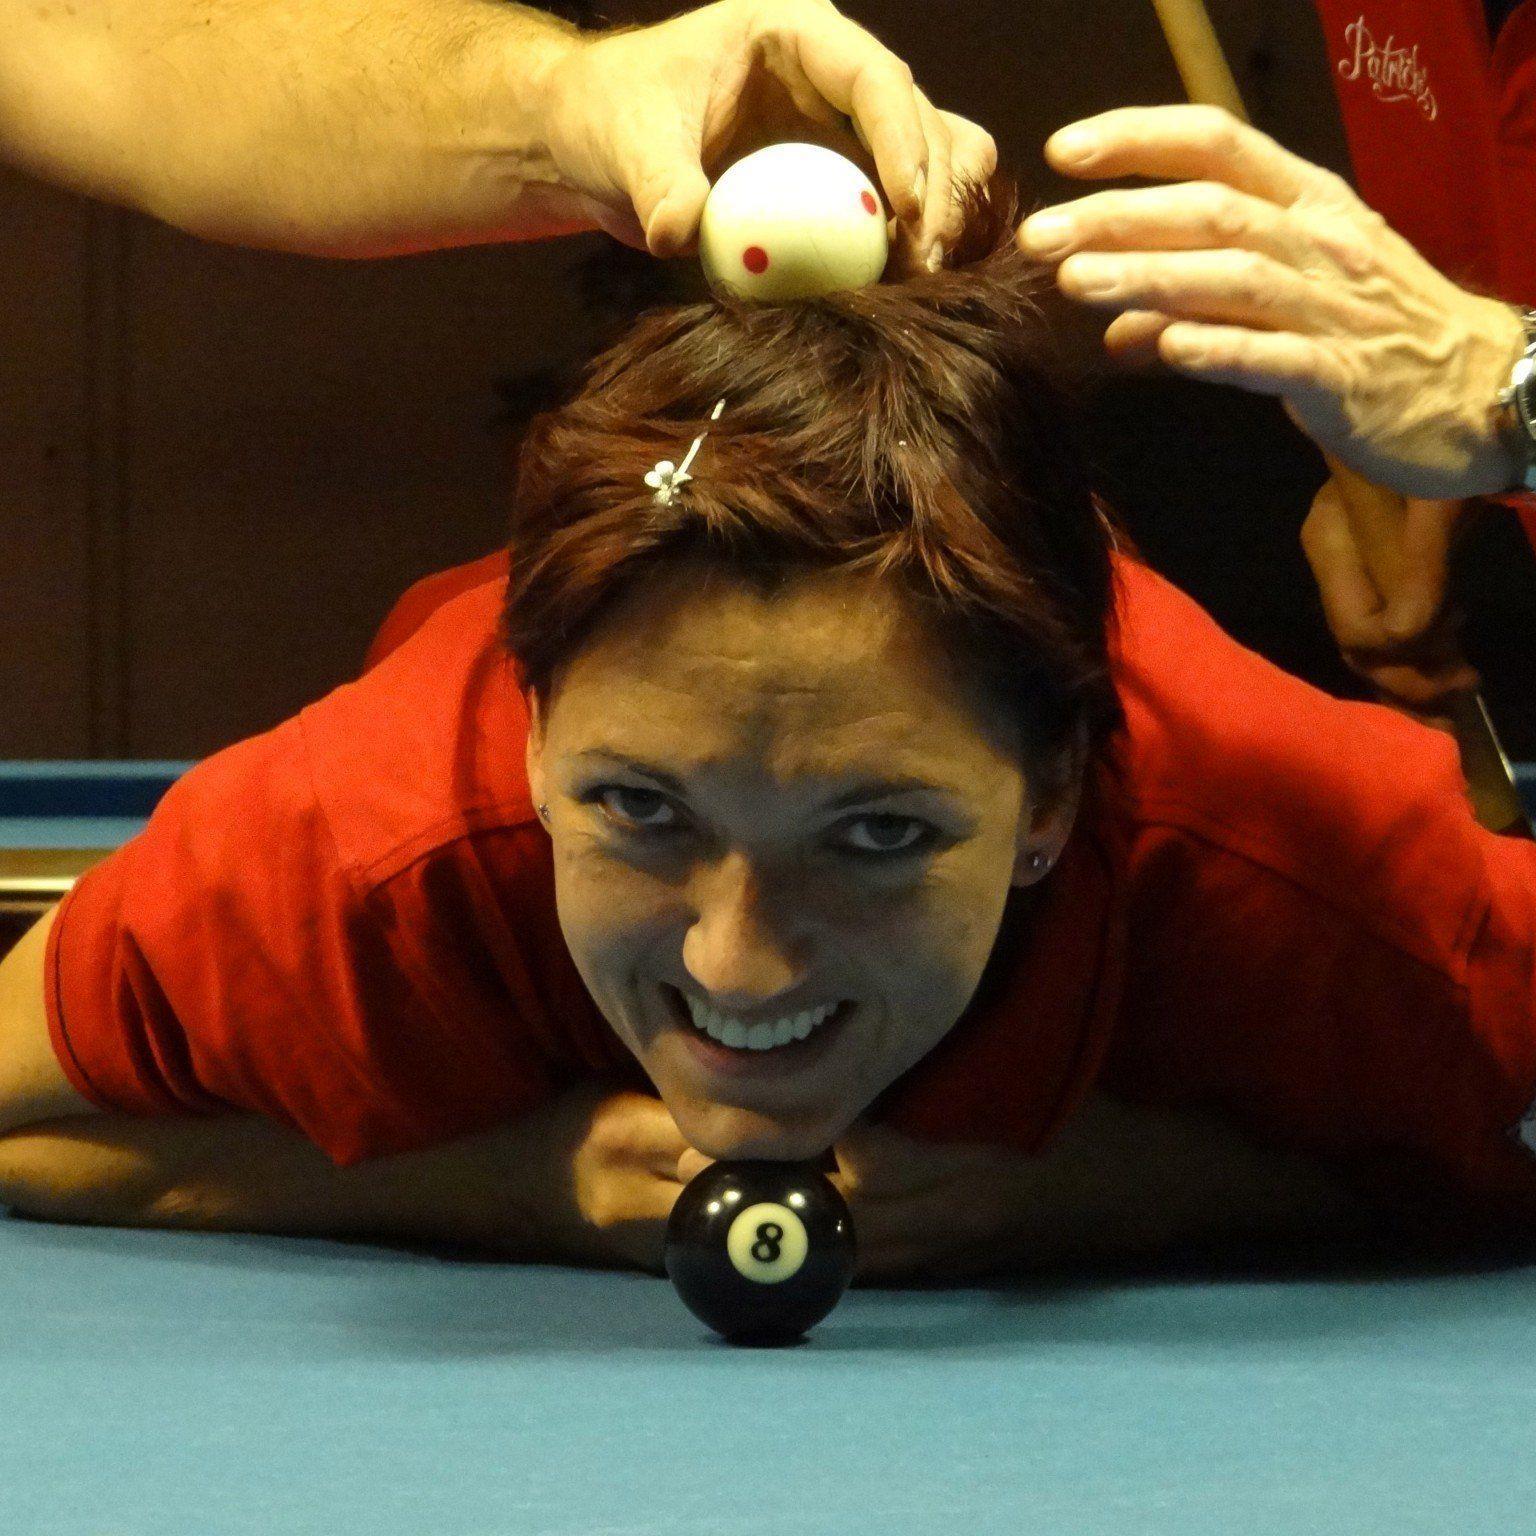 Billardspielerin und nun auch Obfrau vom PPK Rankweil: Isabella Pack hat konkrete Ziele.